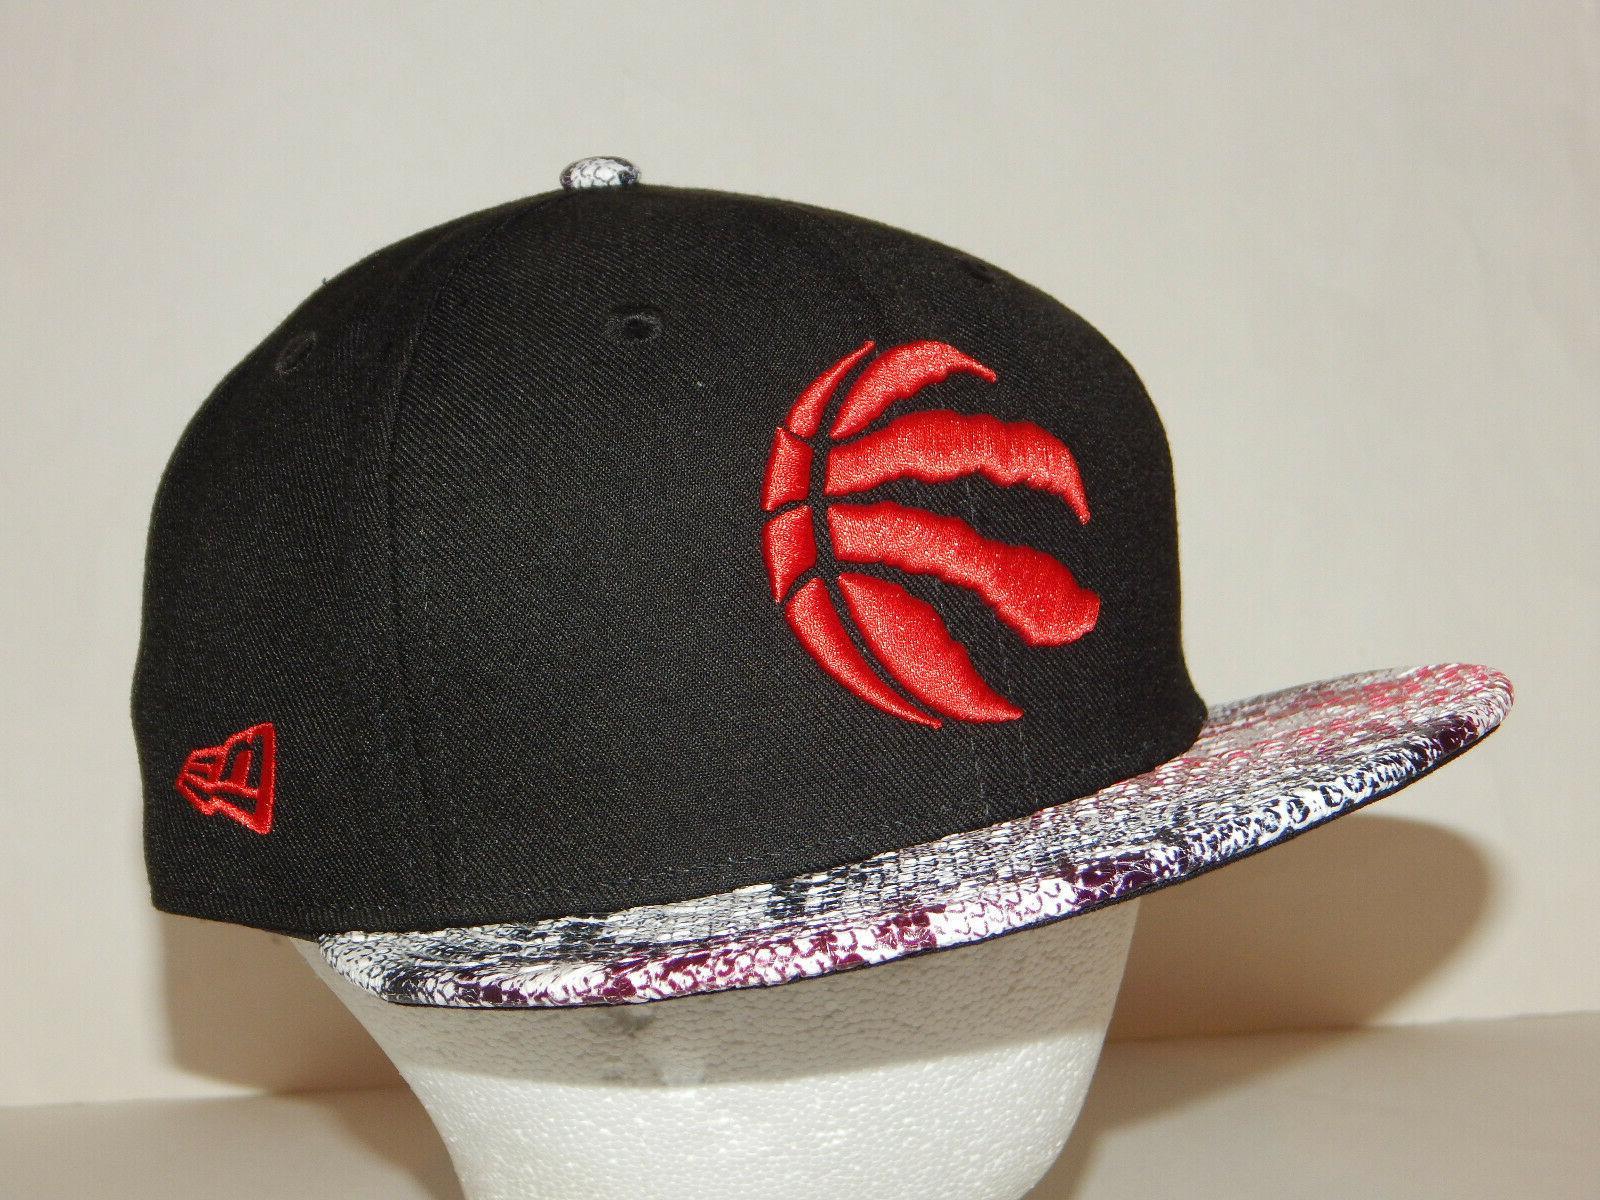 toronto raptors 9fifty hat cap flatbill black